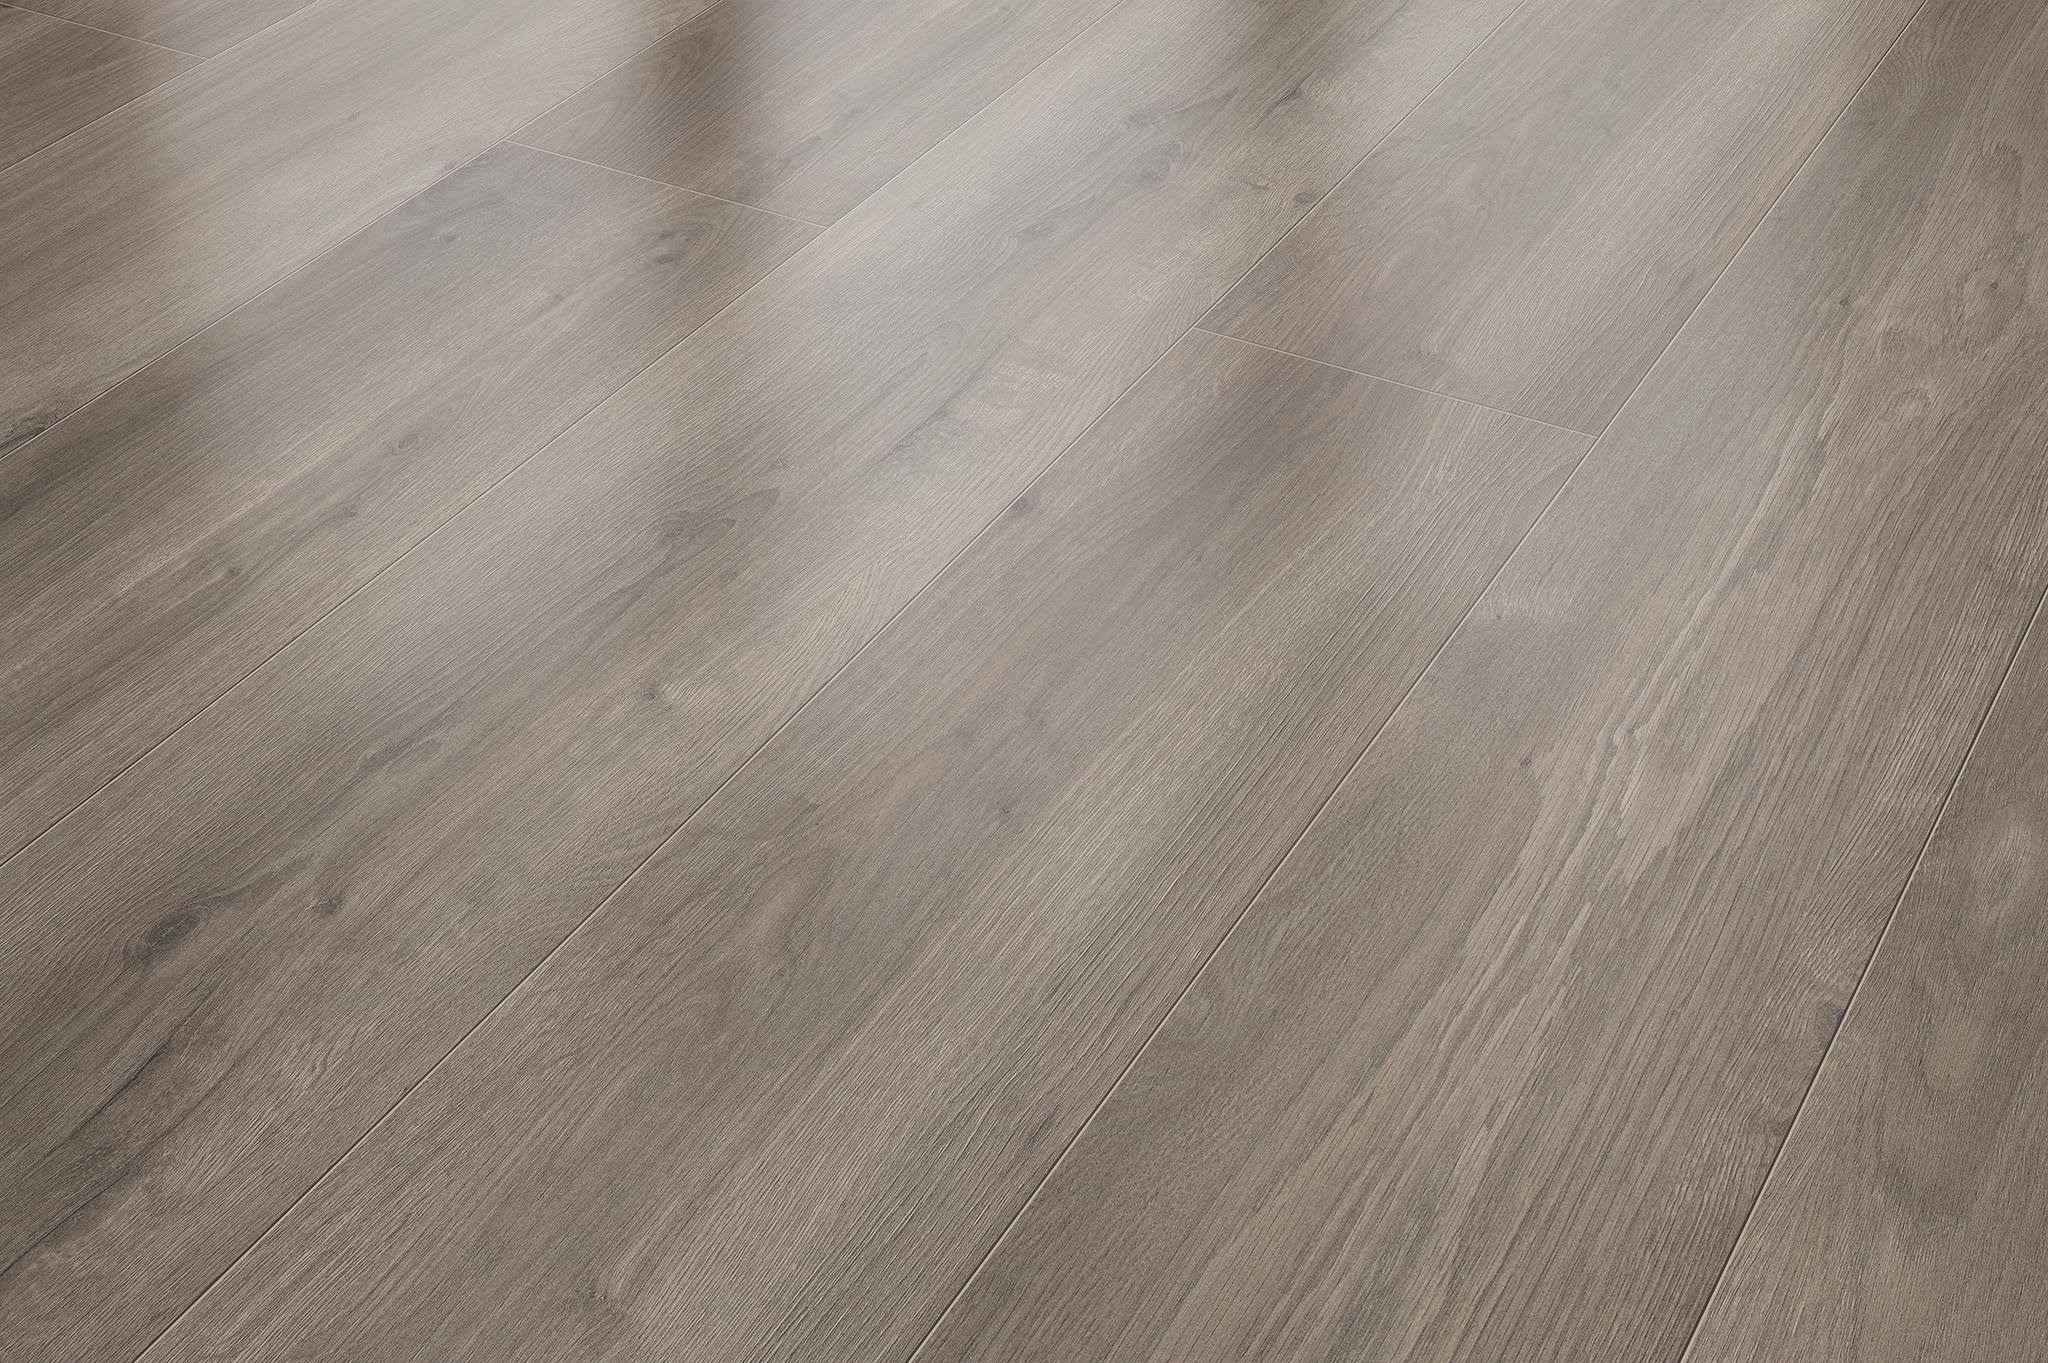 eterna Loc 8 XXL oak dark grey